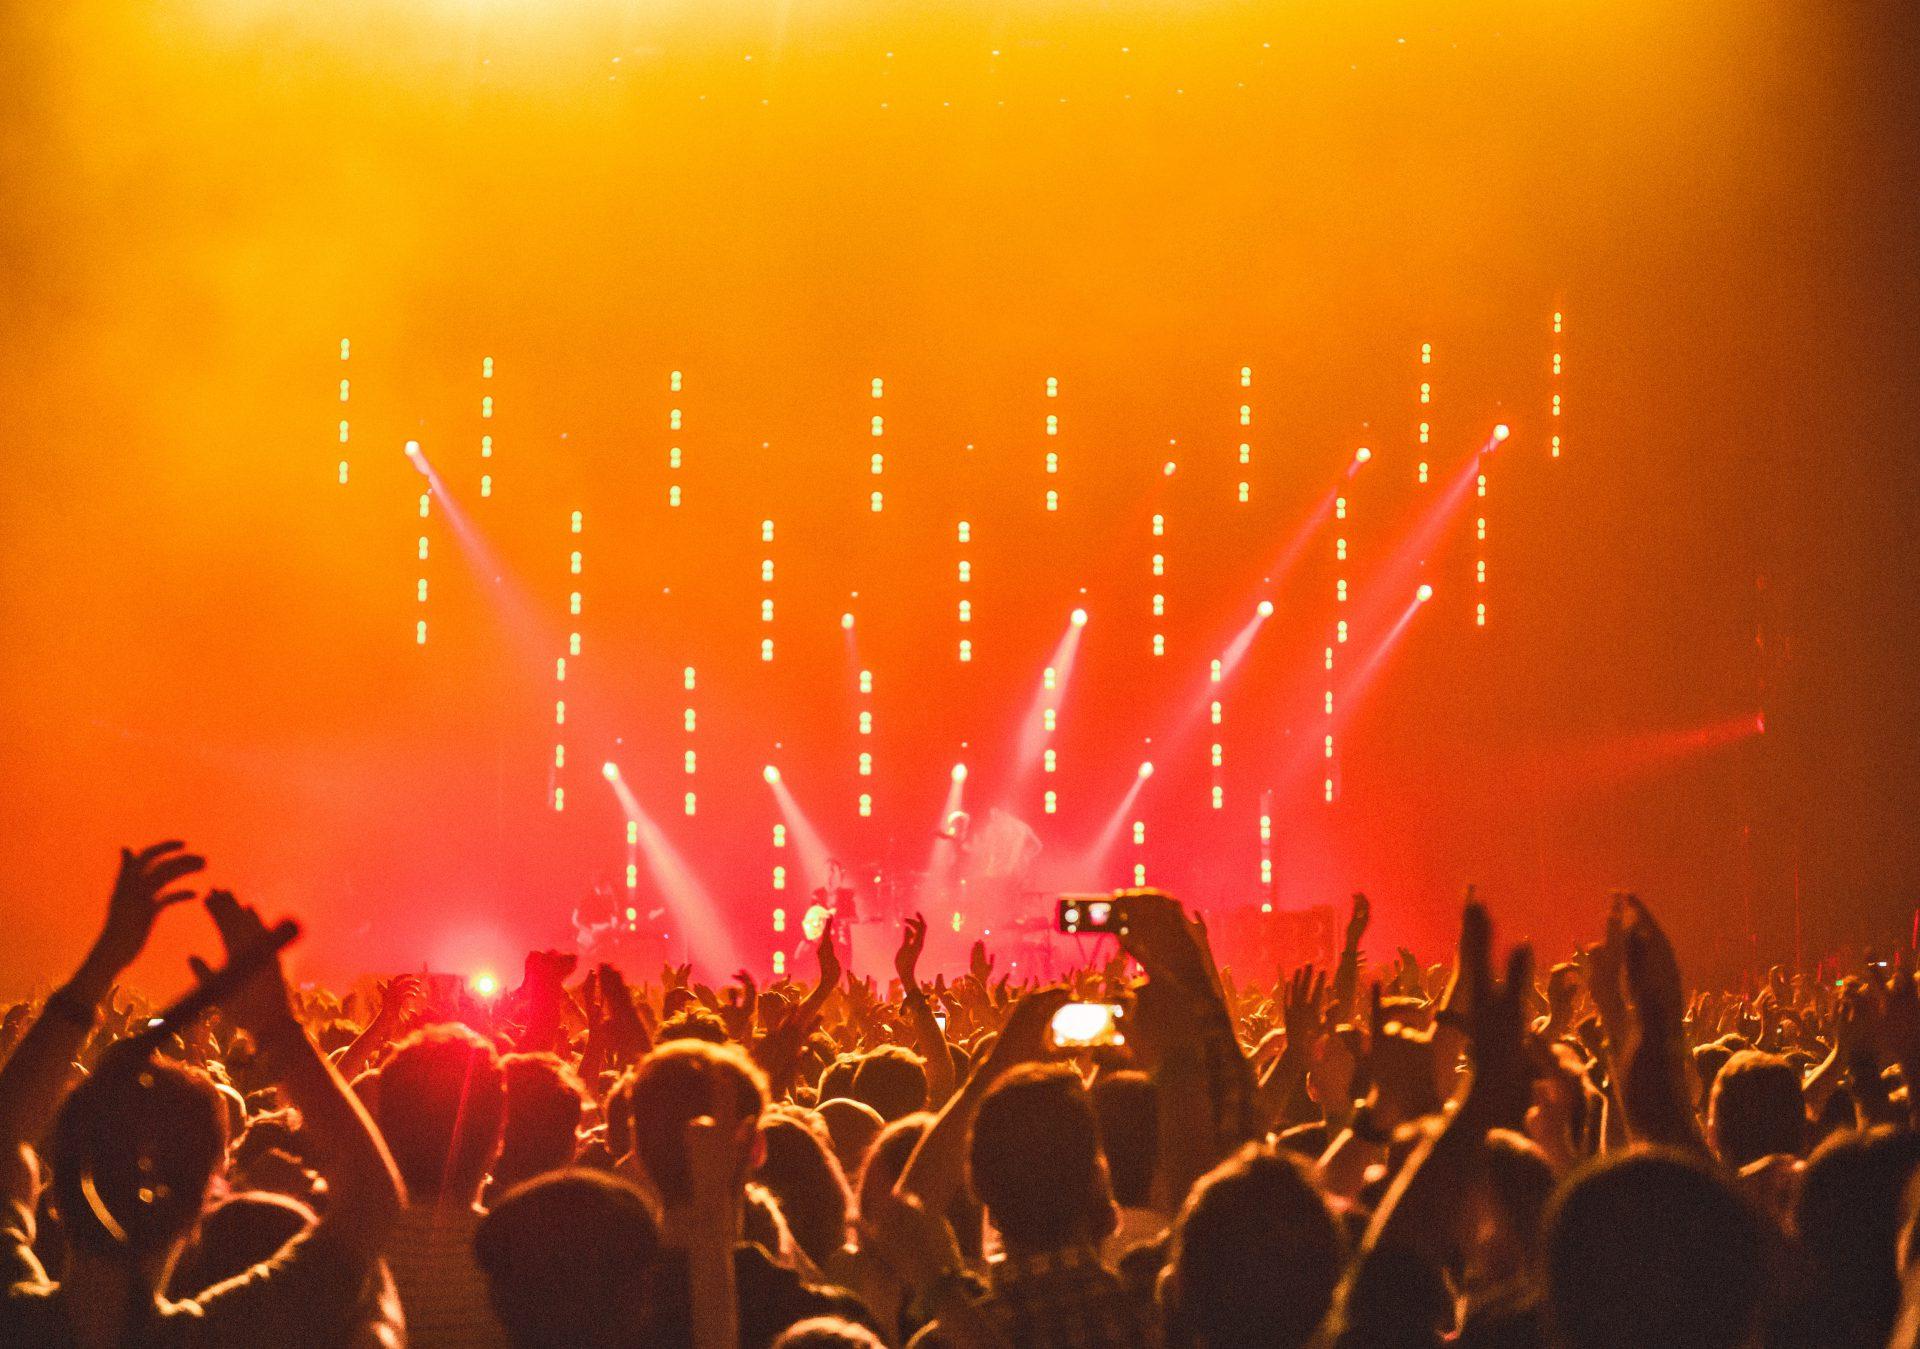 会場いっぱいの観客が湧く、ライブステージの画像